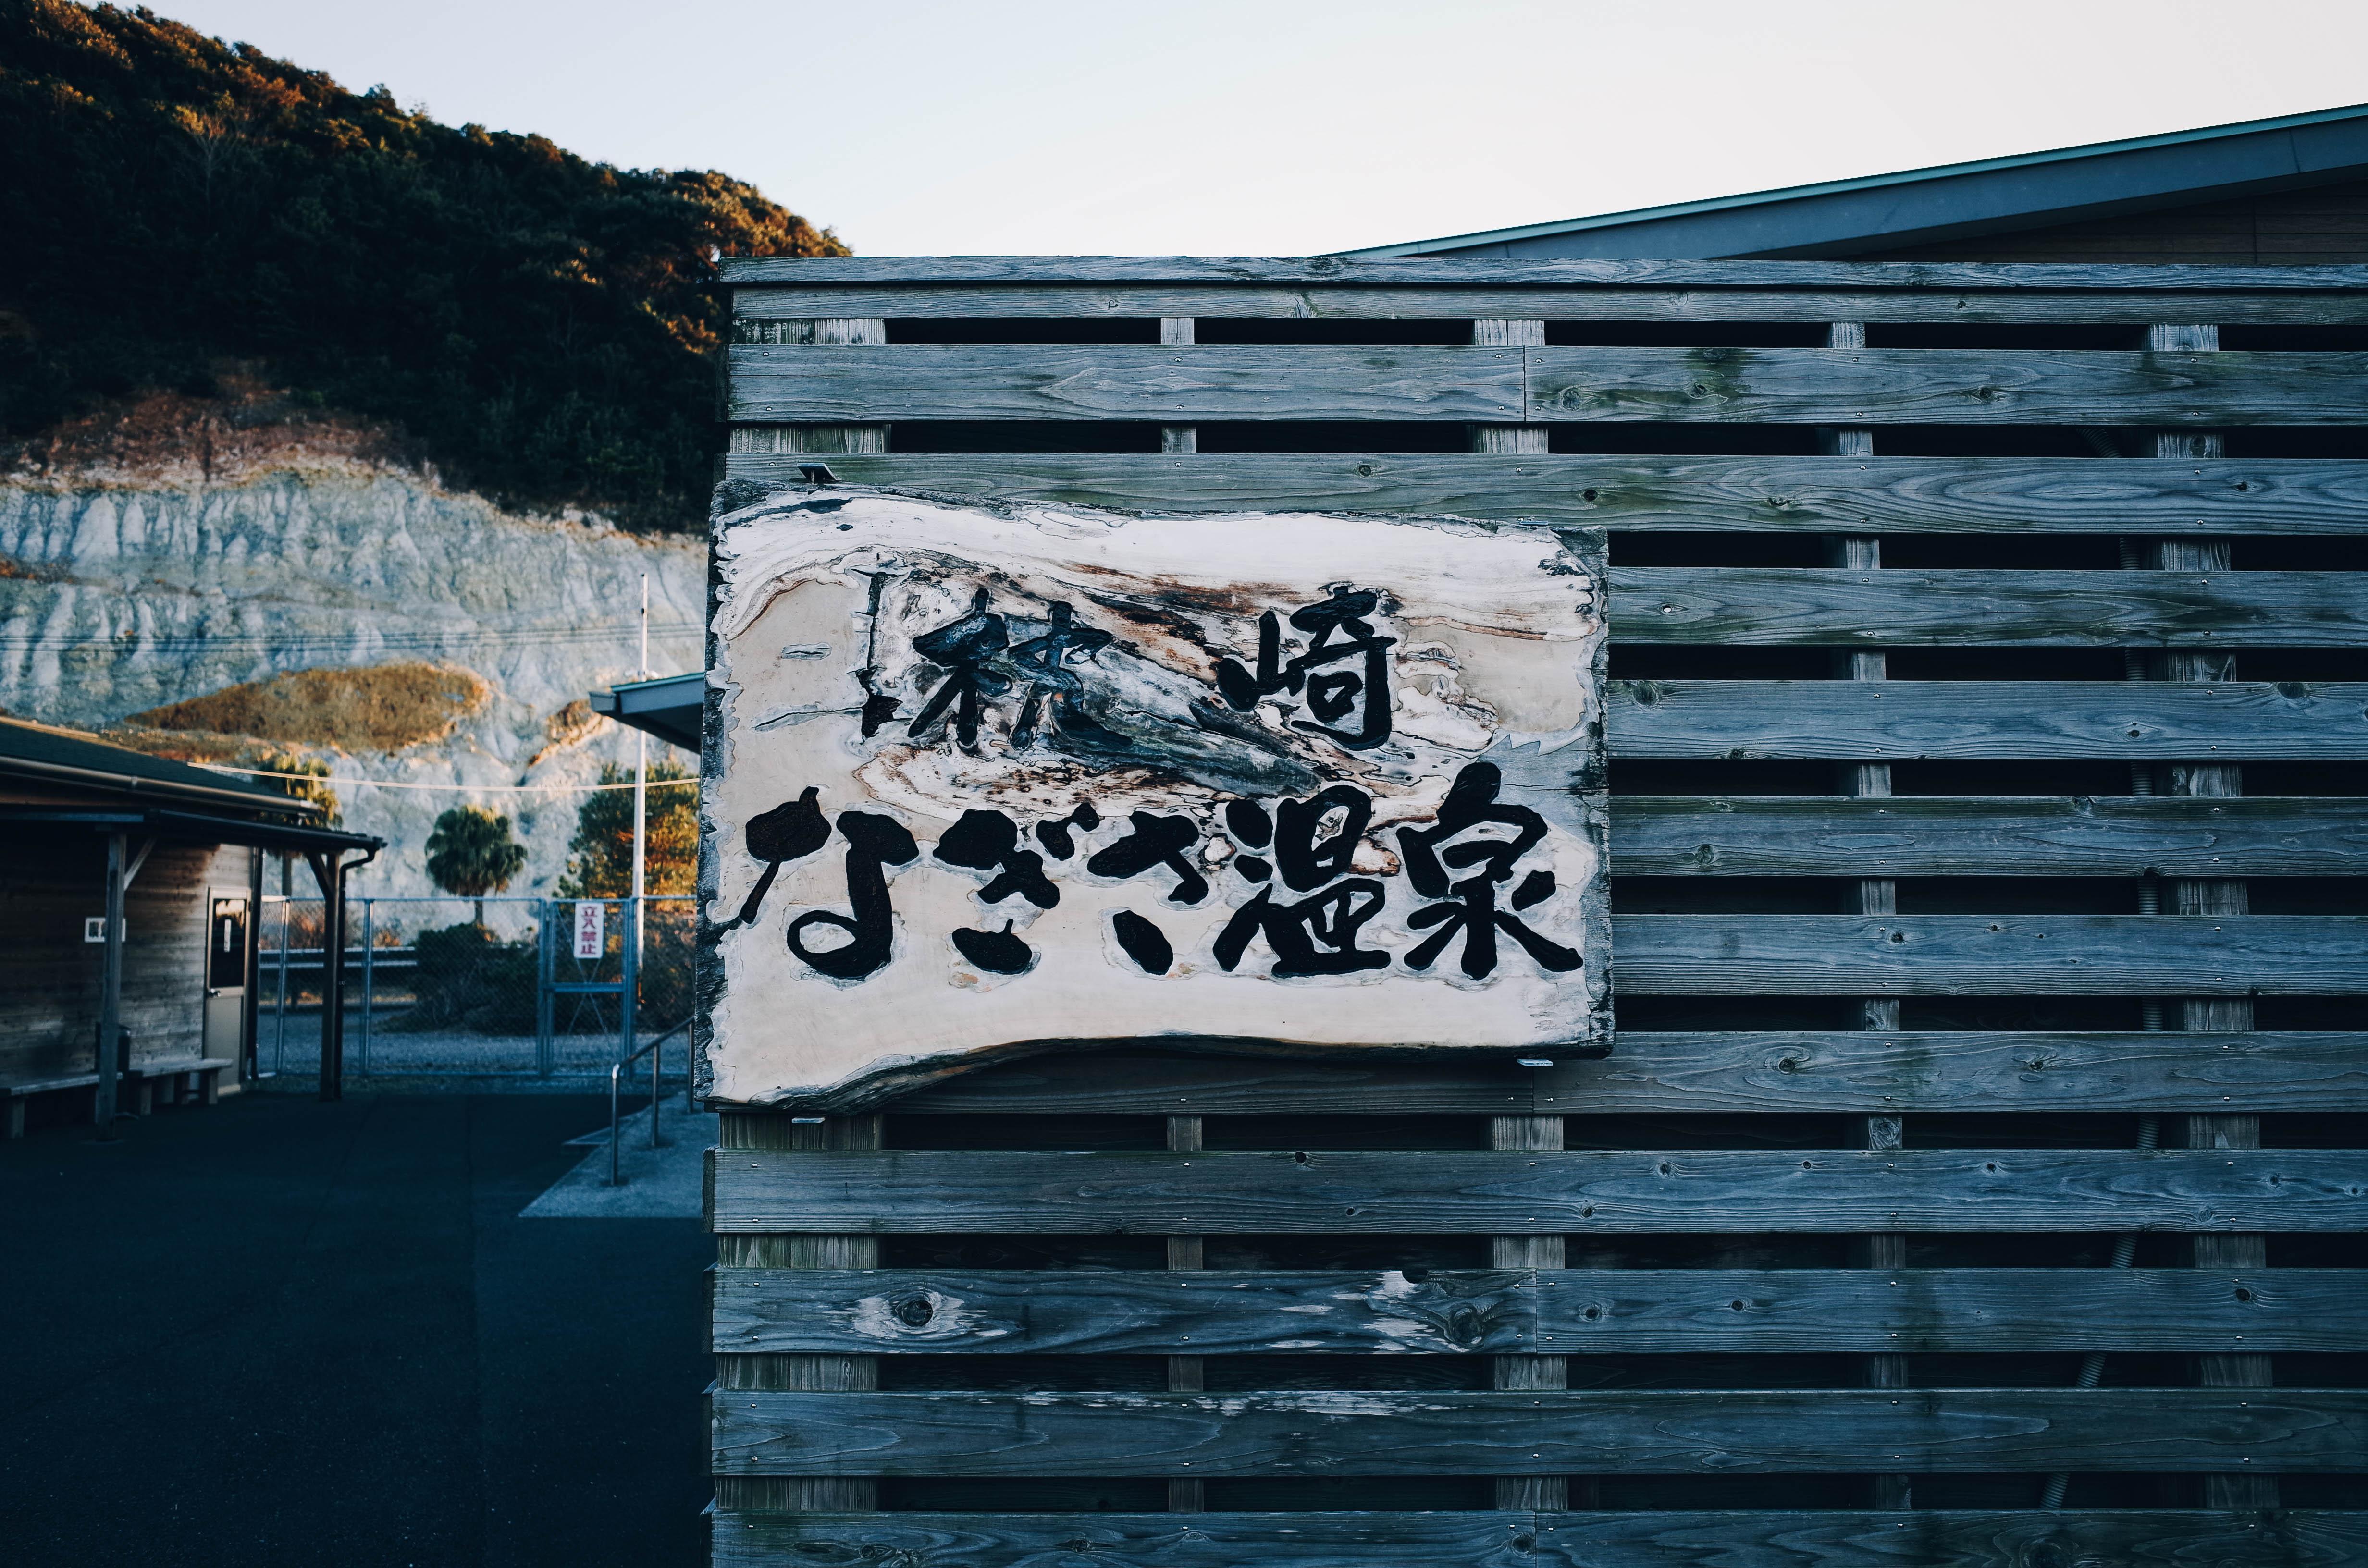 枕崎 なぎさ温泉|鹿児島県枕崎市